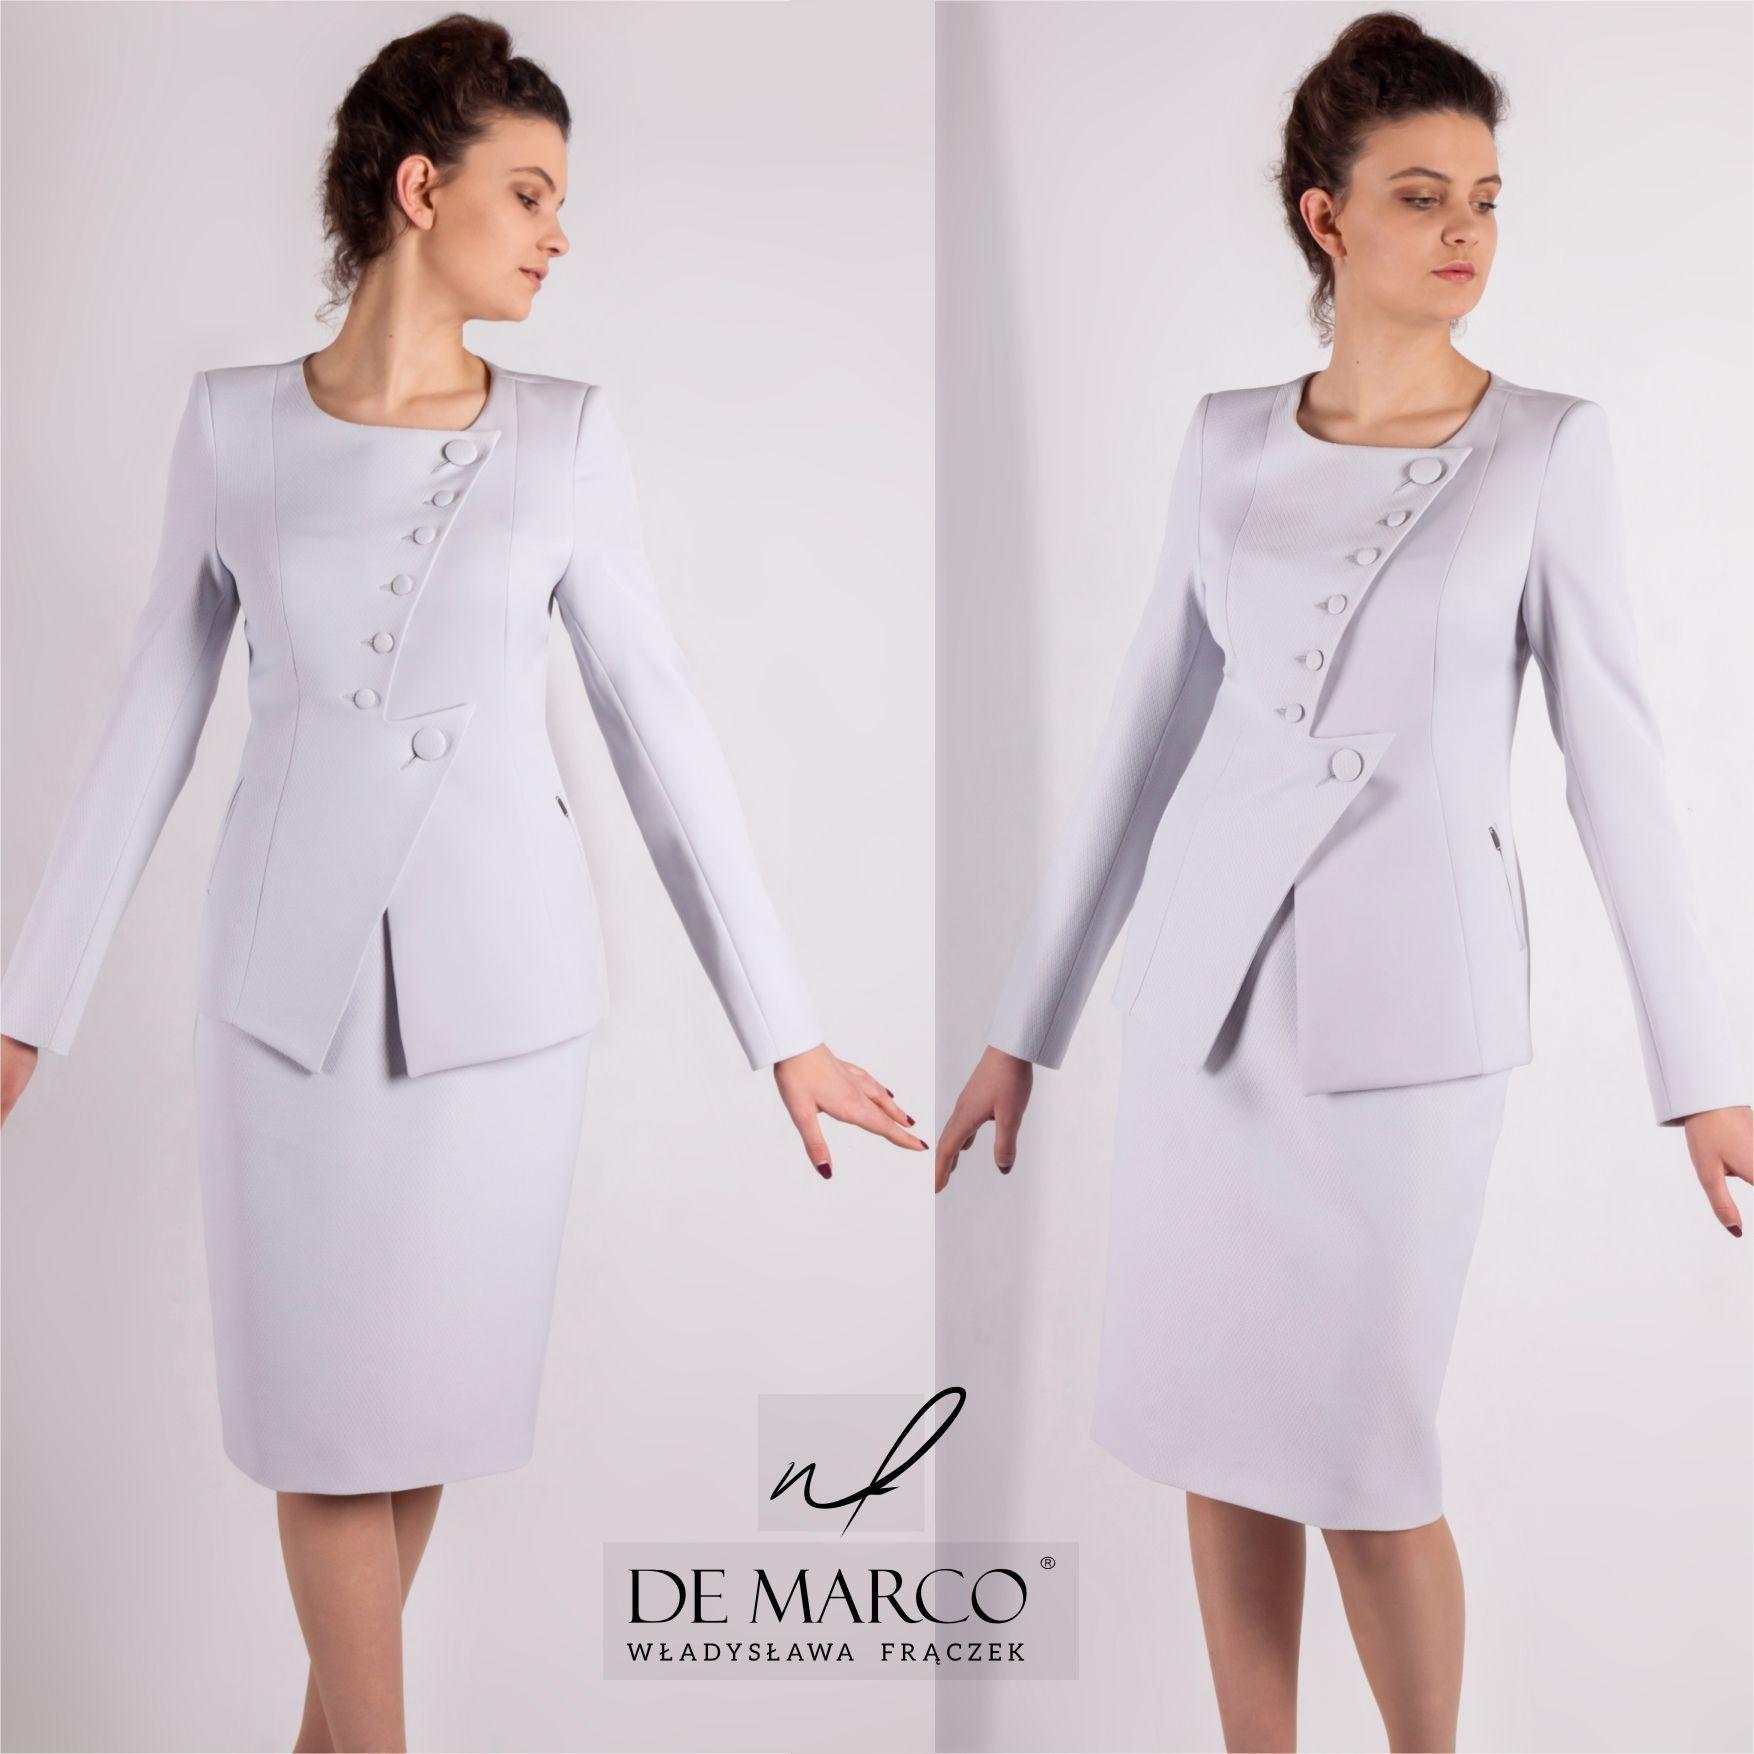 4ddcb18c67 Szalenie eleganckie kostiumy i garsonki damskie z De Marco.  demarco   frydrychowice  sukienka